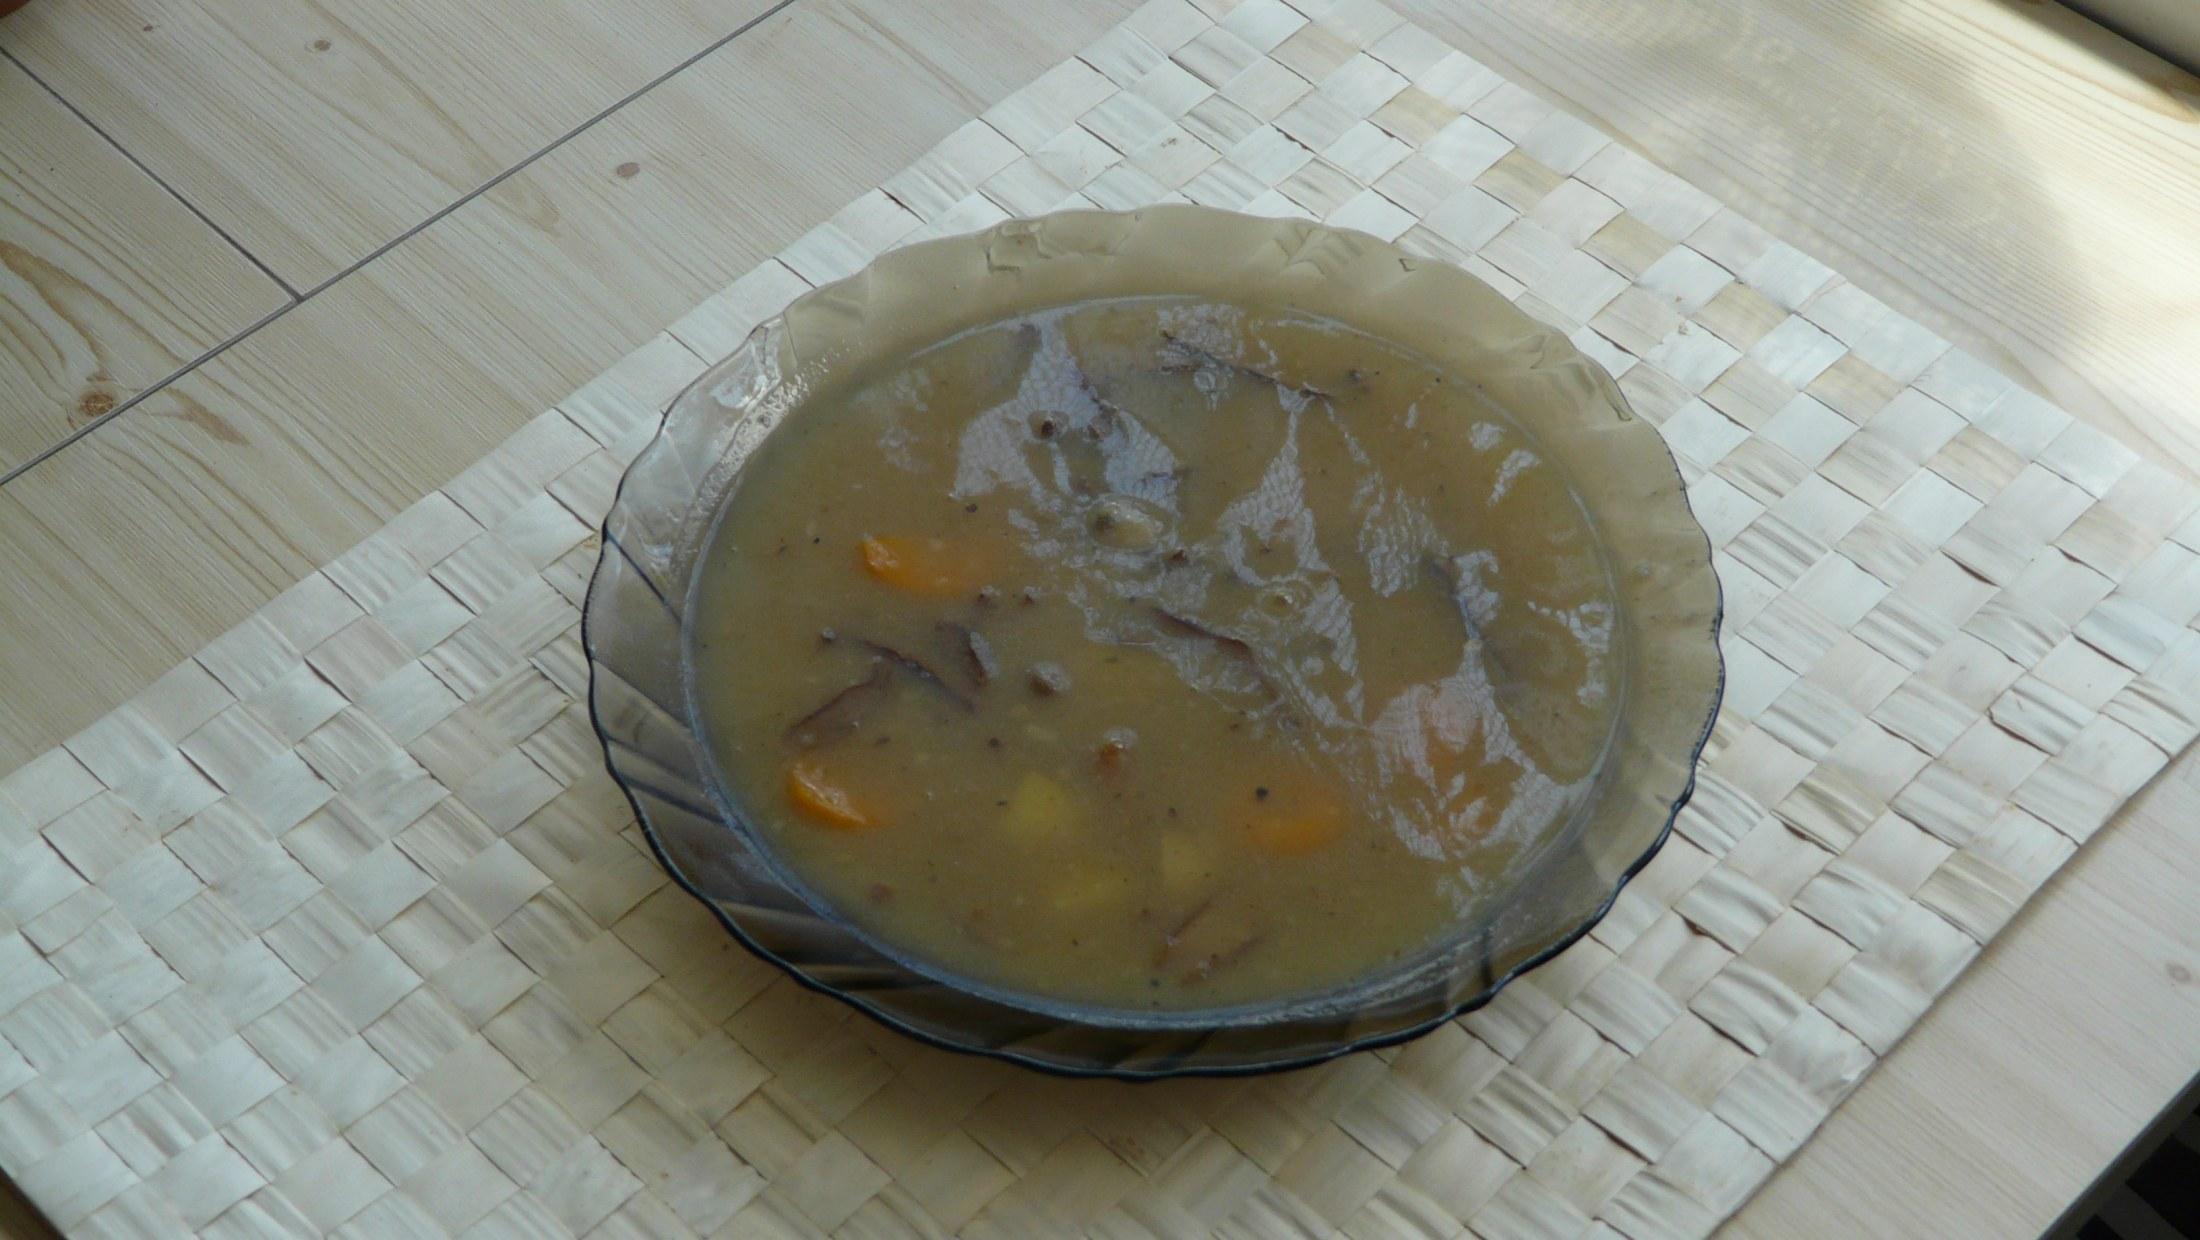 Recept Houbová polévka se zeleninou - Špatně zachycená, ale je to ona - houbová polévka se zeleninou.